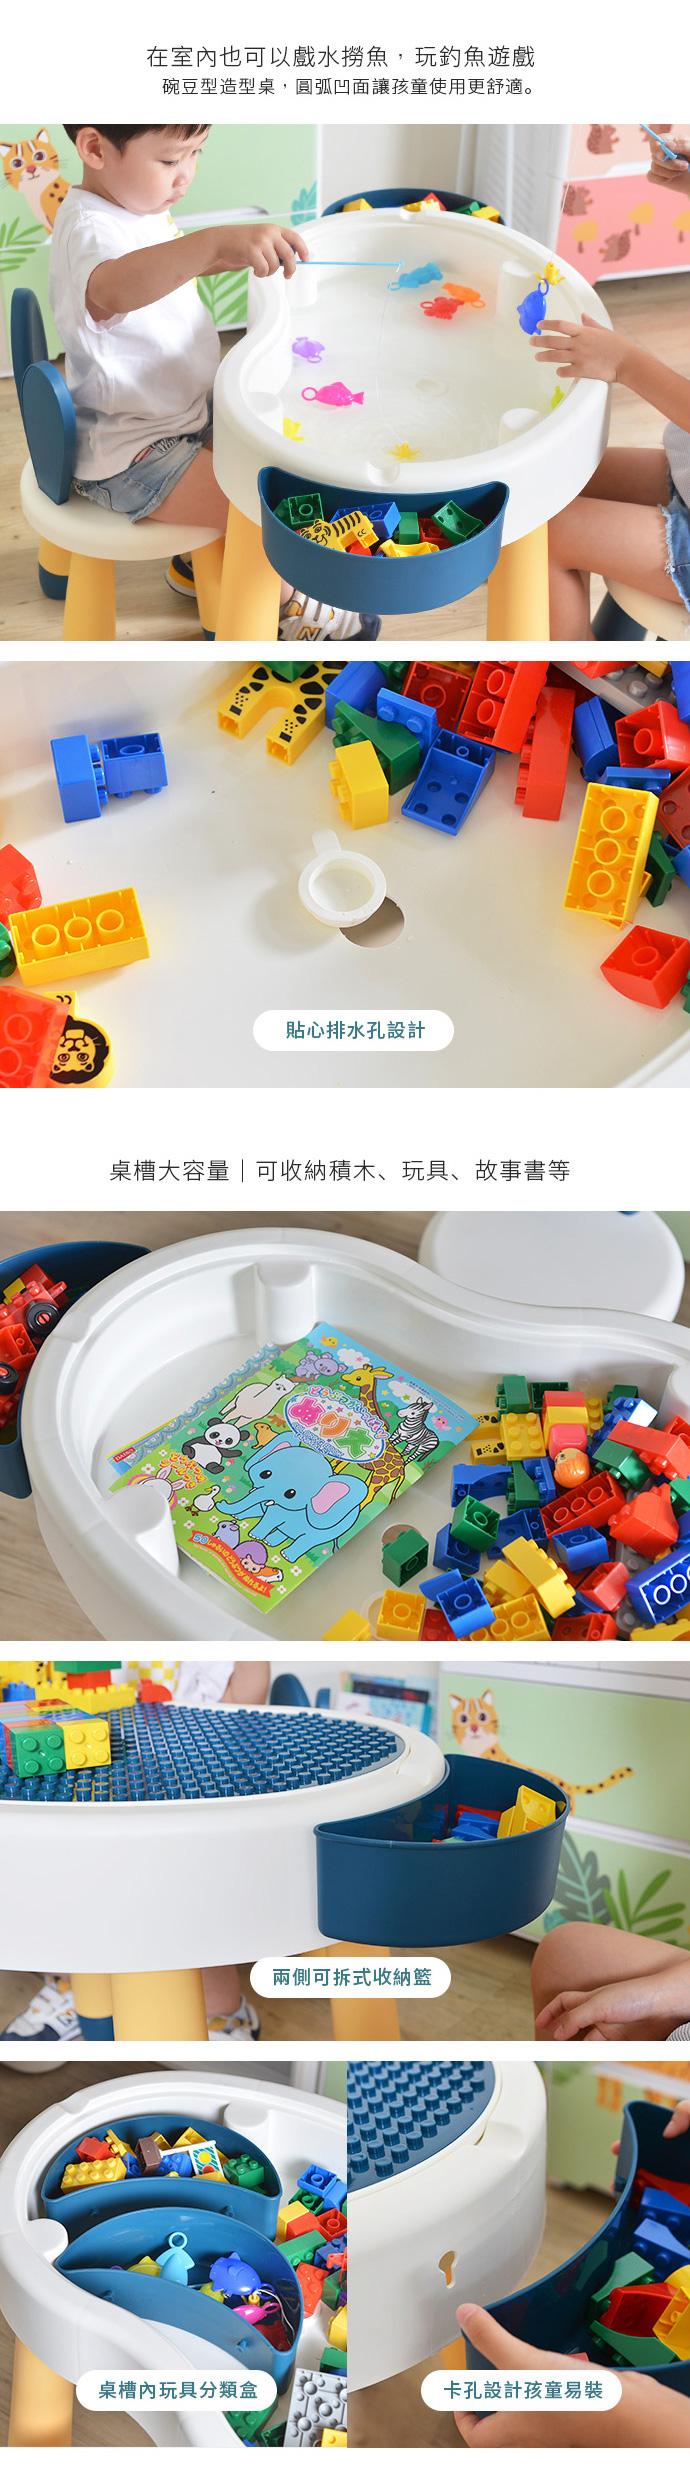 +O家窩|斑比鹿兒童多功能學習/遊戲積木桌椅套組-送台製OK牌積木(1kg)